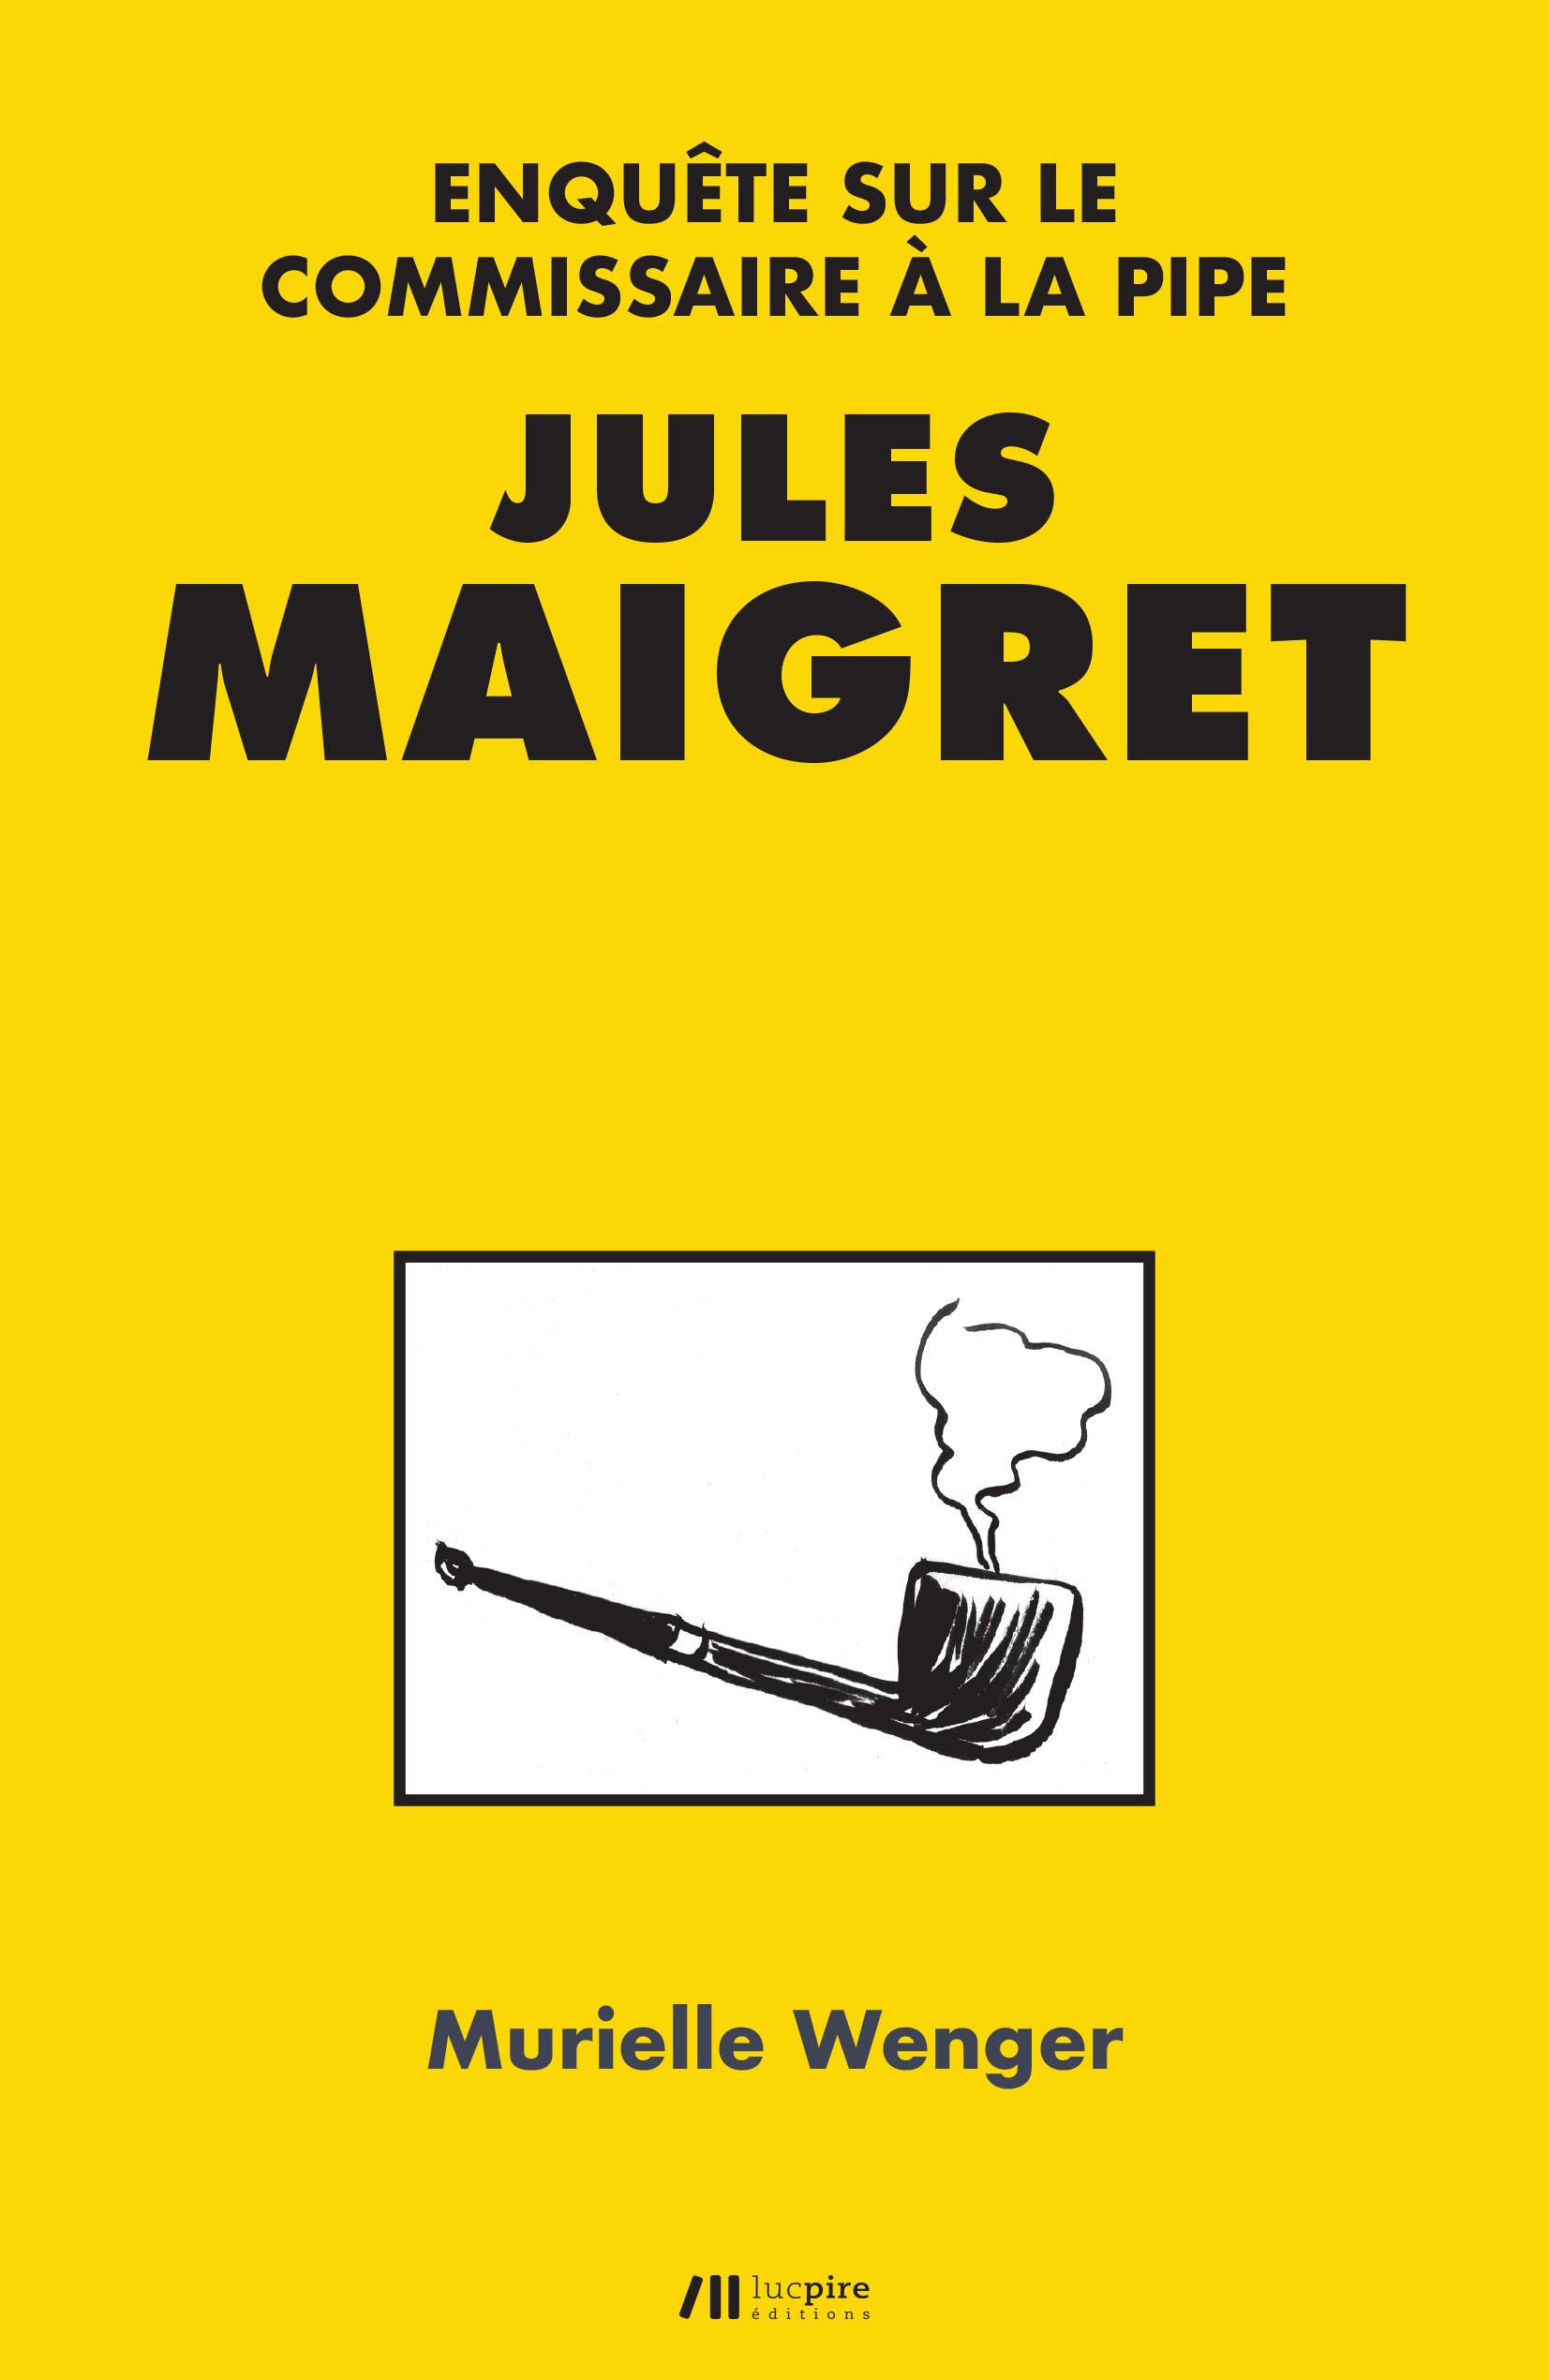 JULES MAIGRET - ENQUETE SUR LE COMMISSAIRE A LA PIPE